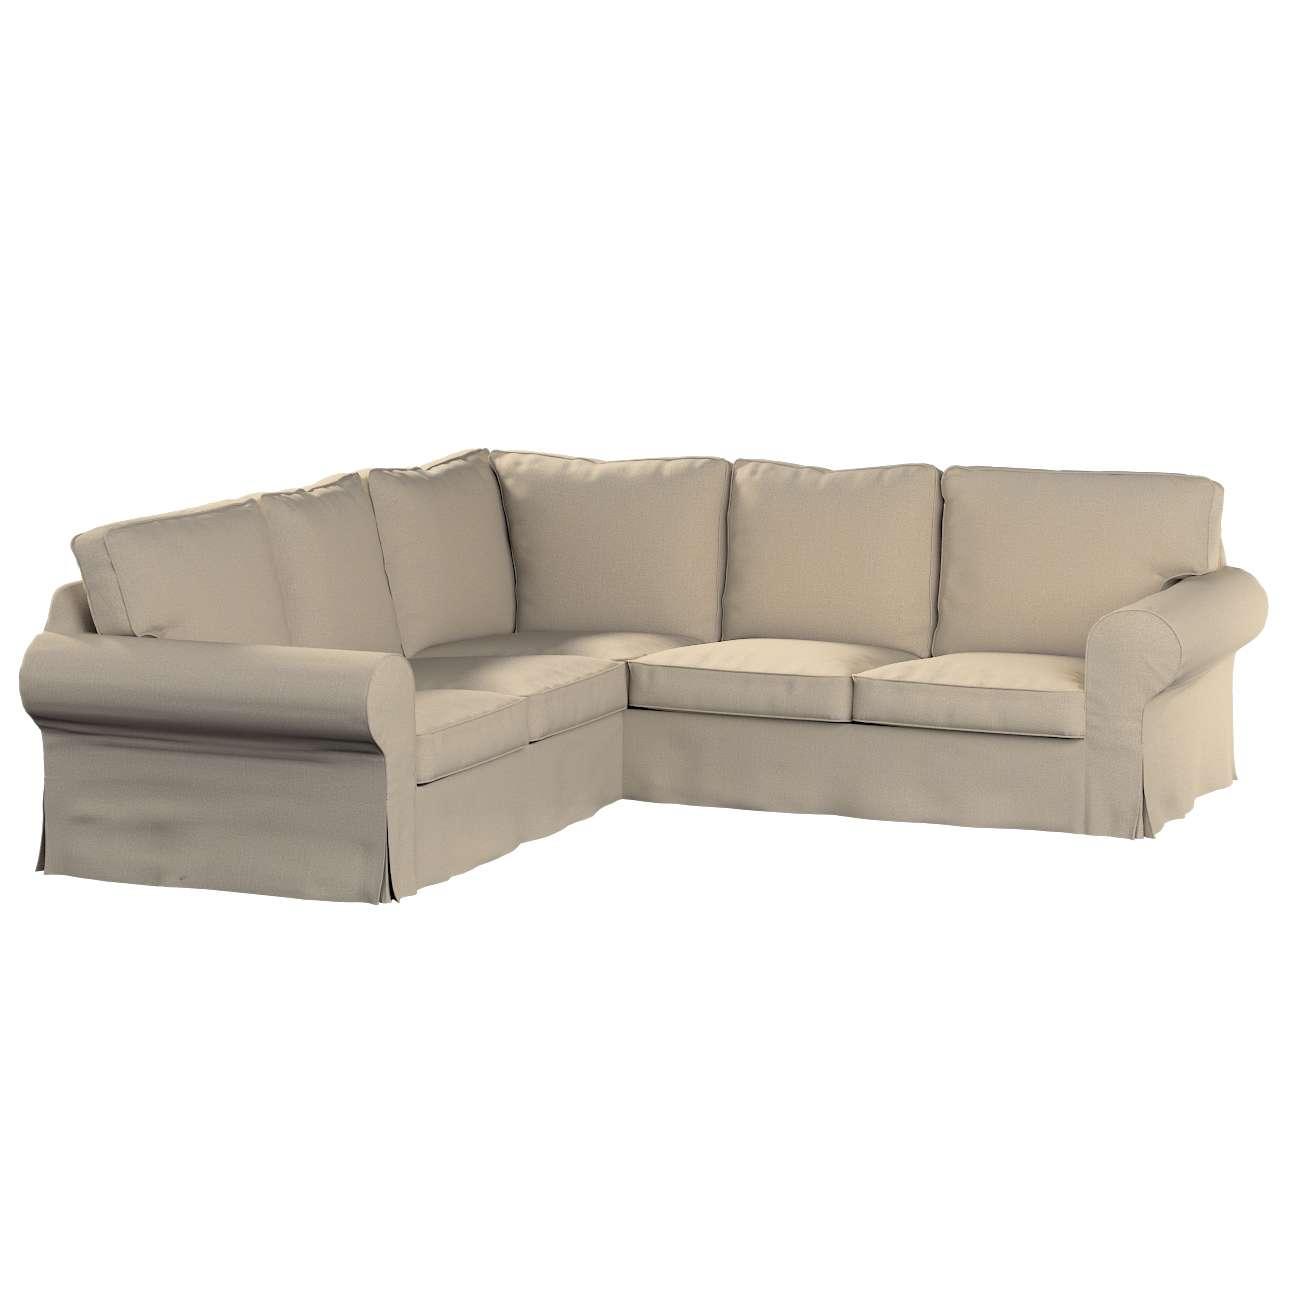 Pokrowiec na sofę narożną Ektorp w kolekcji Edinburgh, tkanina: 115-78